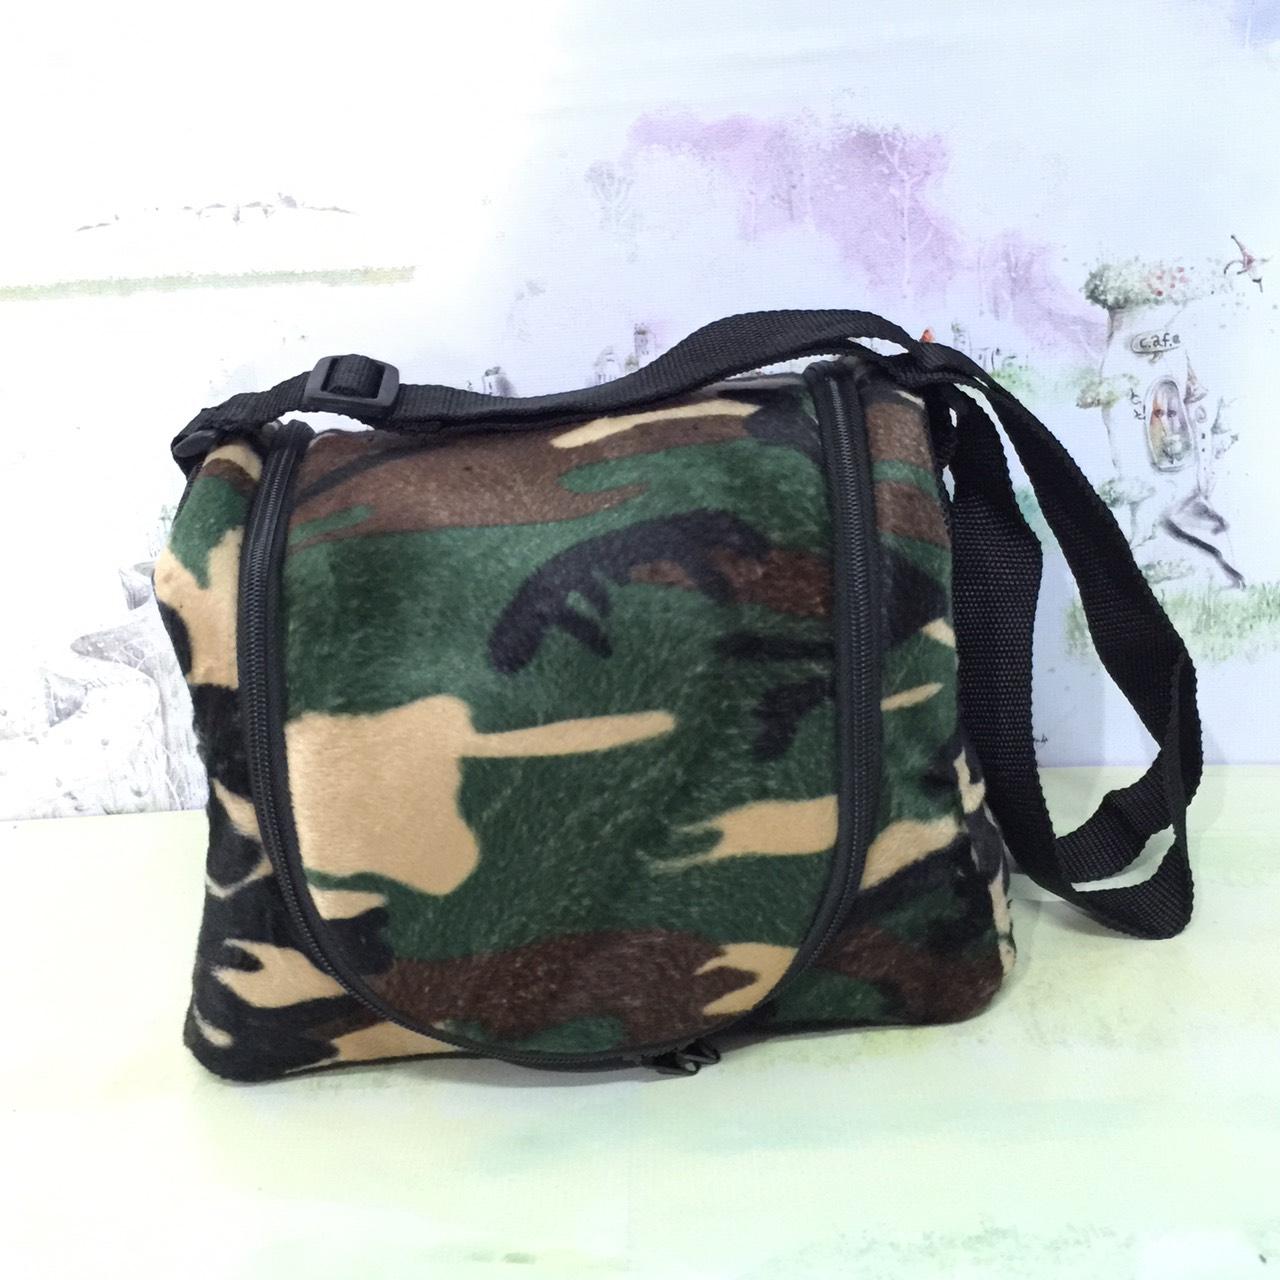 กระเป๋าผ้าขนนุ่ม(ใส่กรงโค้งได้) ลายทหาร